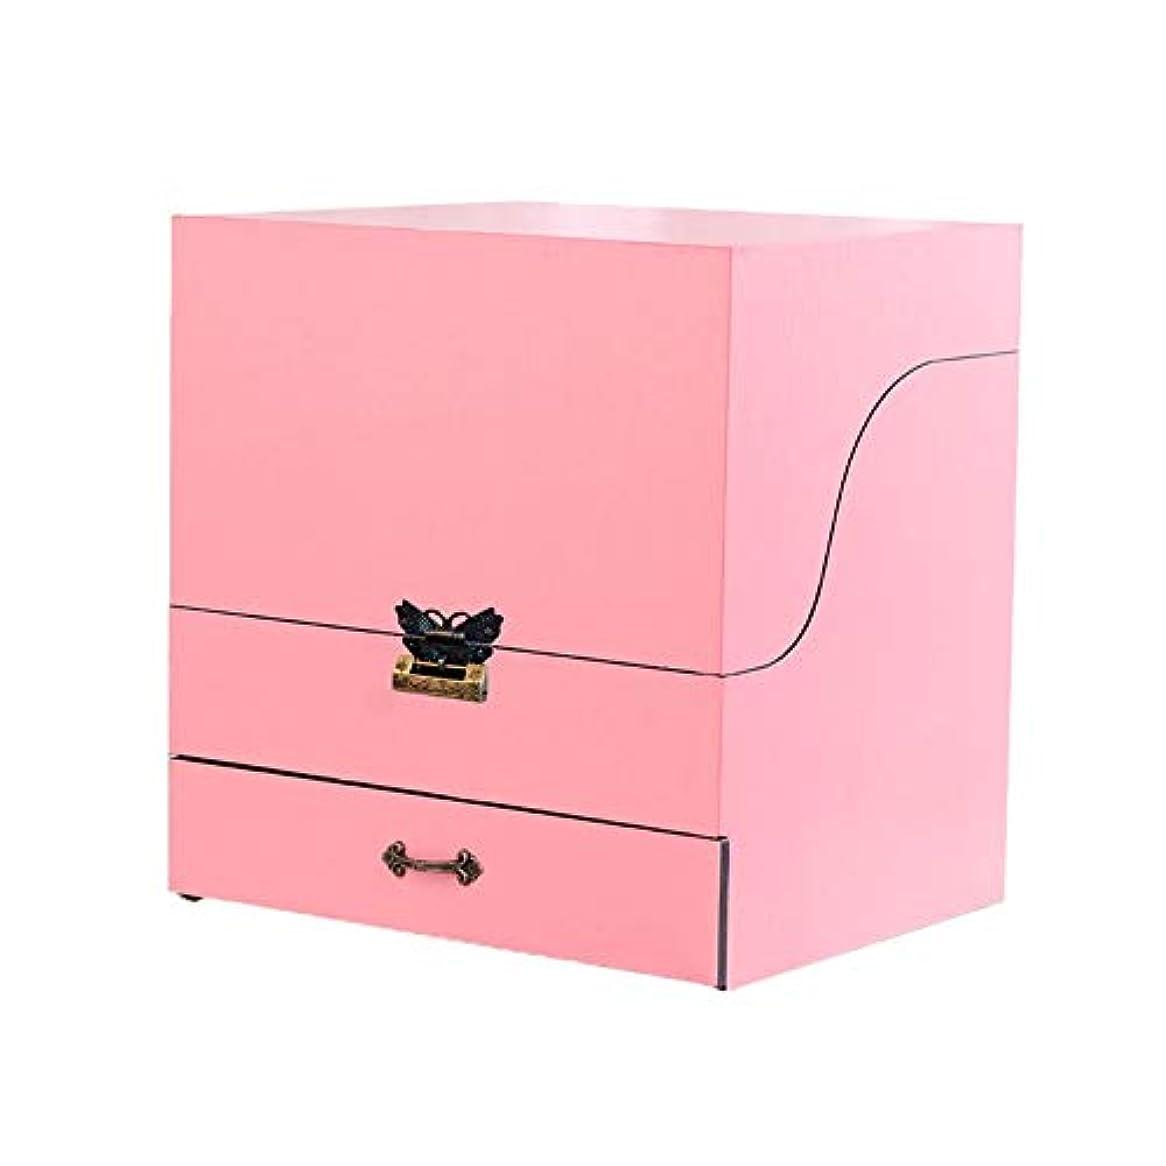 メイクボックス コスメボックス ジュエリー収納ボックス 鏡付き 大容量 木製 化粧品収納 ジュエリー収納 小物入り おしゃれ 可愛い ホワイト コルク ピンク プレゼント